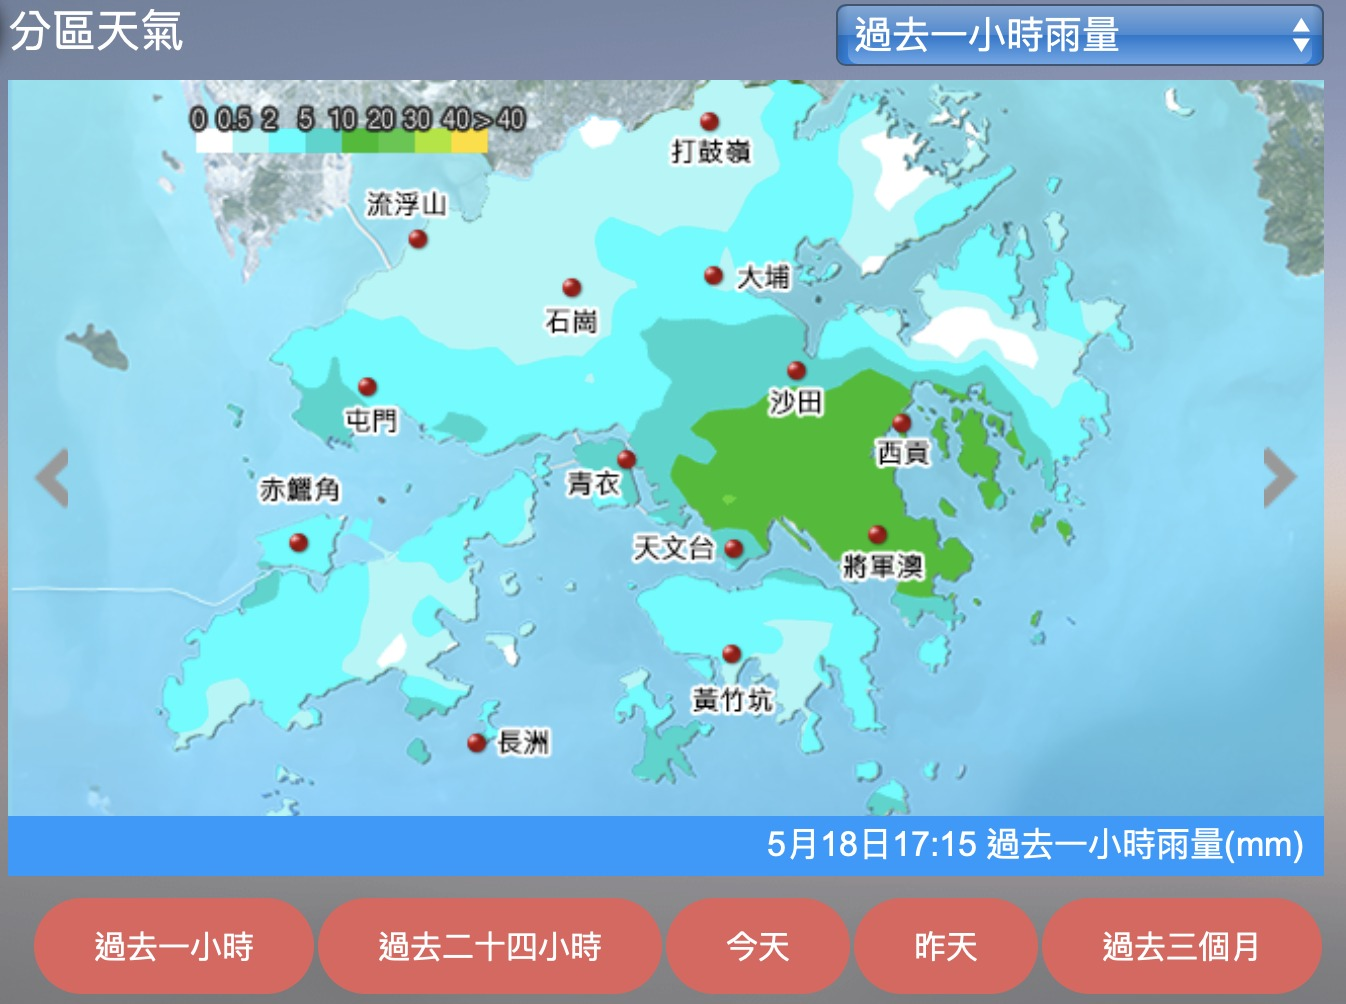 香港天文台在今日(18日)下午四點發出「特別天氣提示」,預料高達每小時70公里或以上的強陣風吹襲香港。(香港天文台官網截圖)